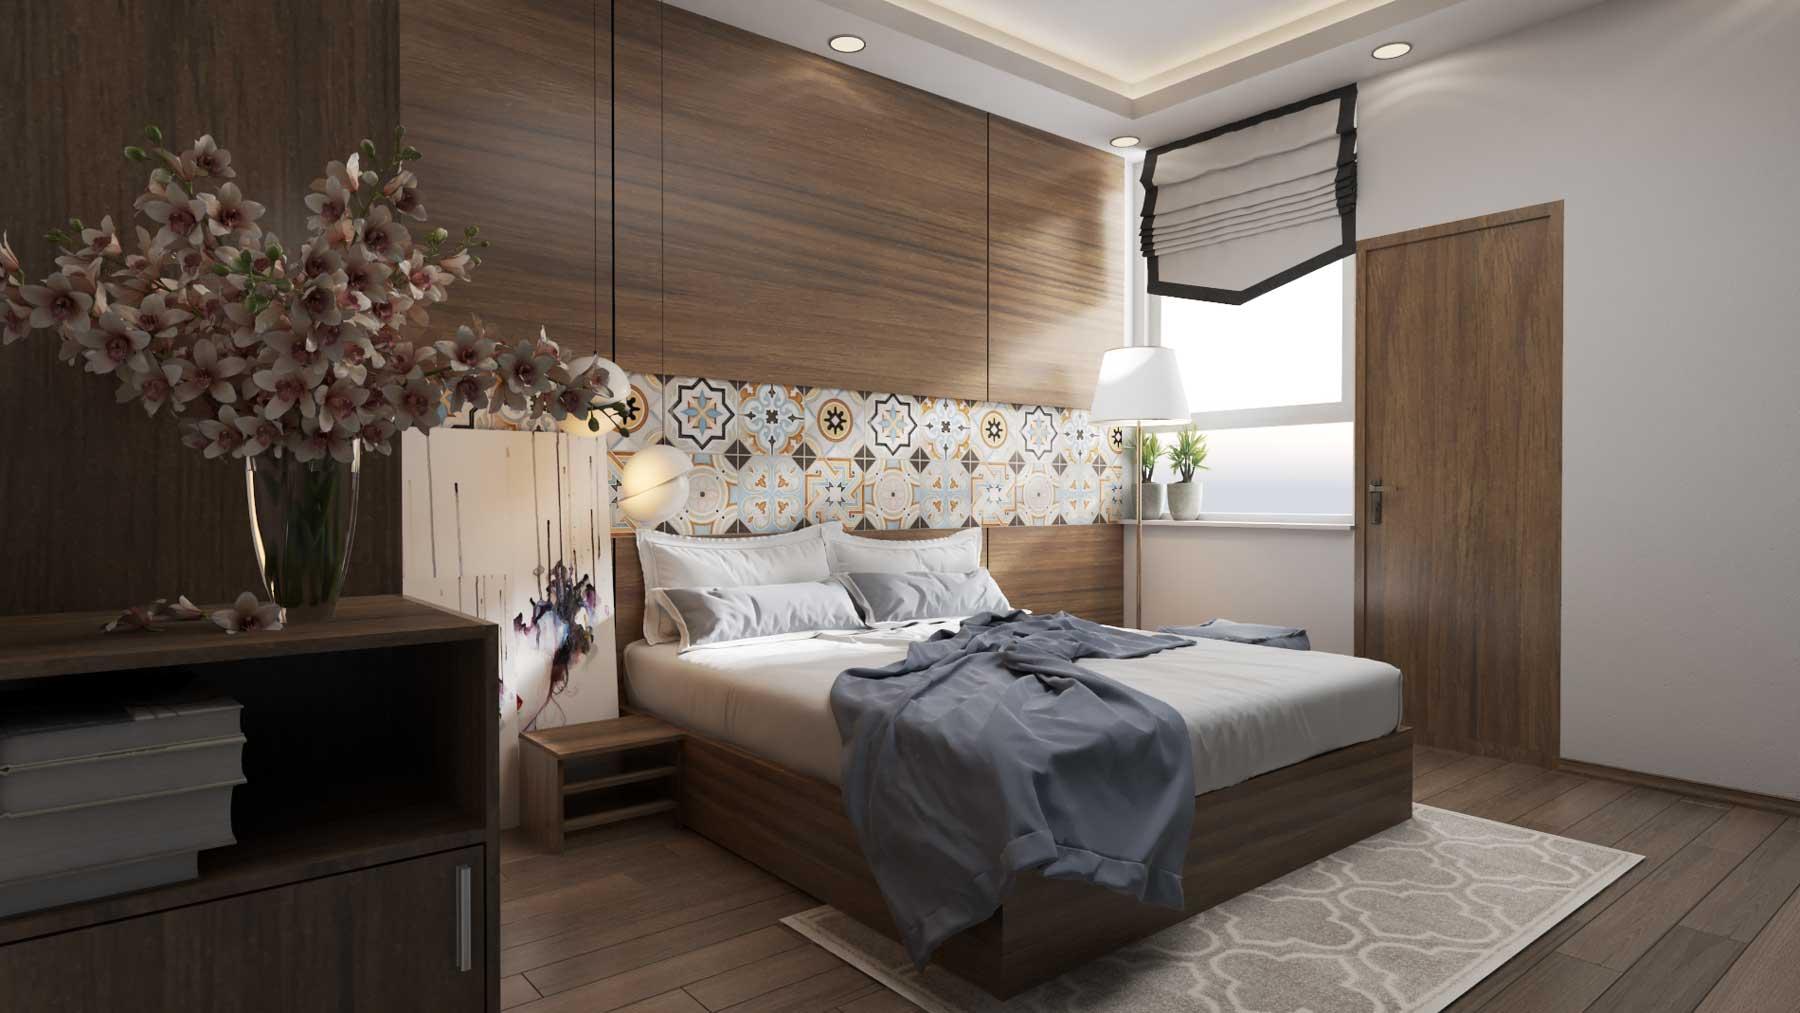 Nội thất phòng ngủ bố mẹ